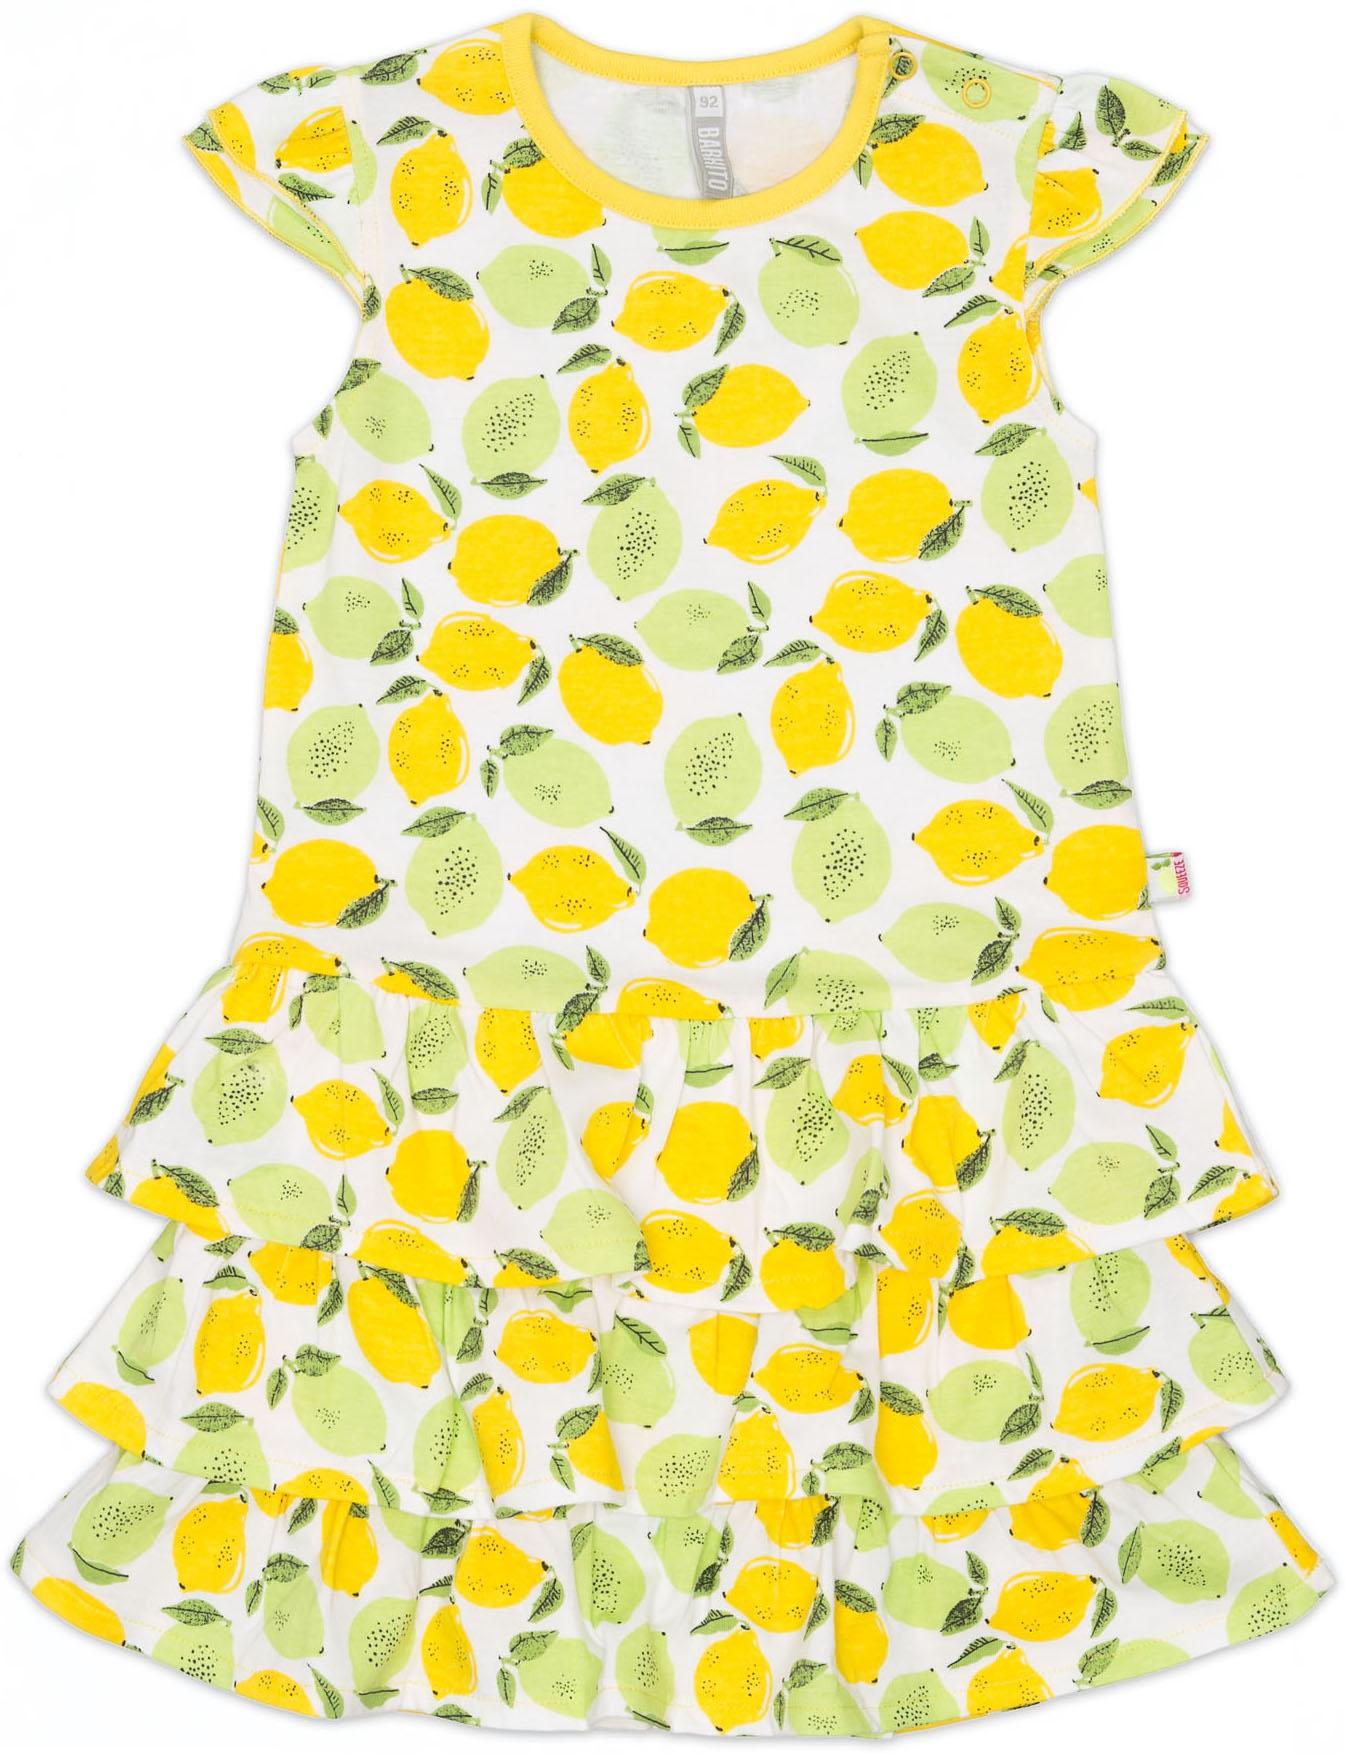 """Купить со скидкой Платье без рукавов трикотажное Barkito, """"Лимончики"""", белый, с рисунком """"лимончики&quo"""